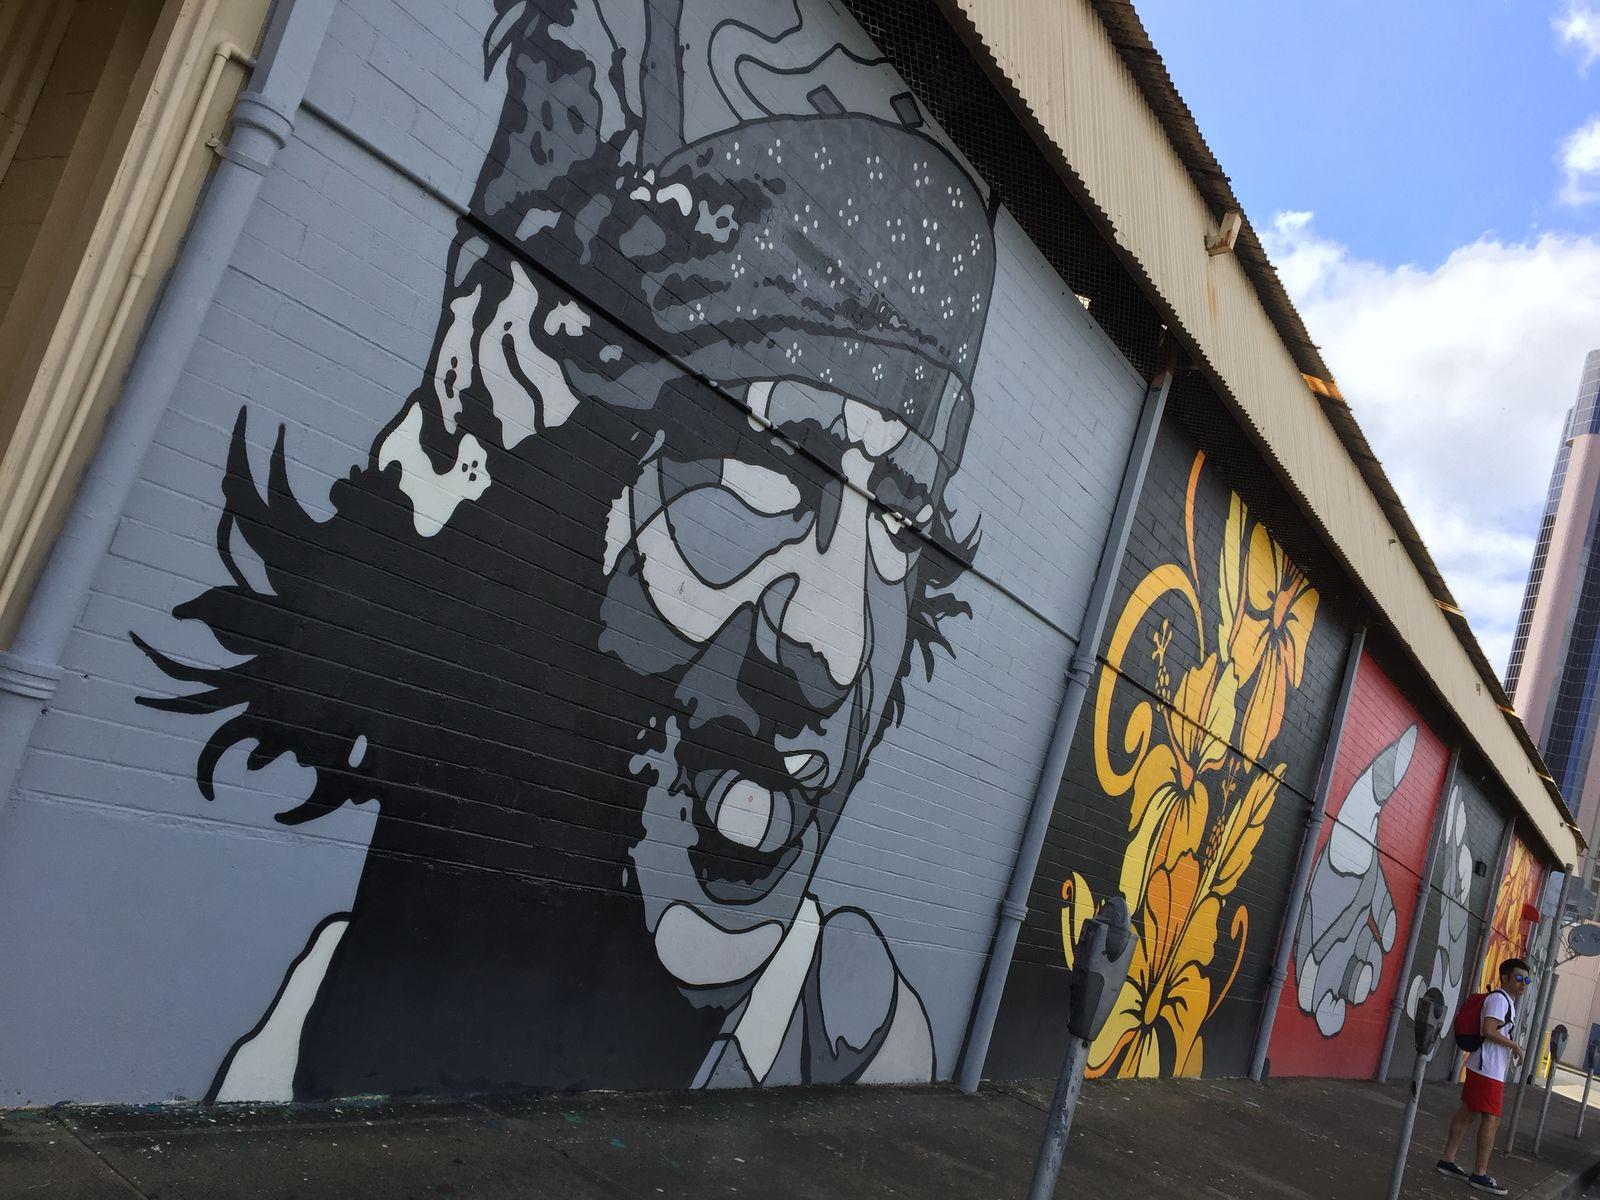 カカアコはストリートアートで注目のエリア。もともと倉庫街であった街並に色鮮やかな様々なテイストの絵が描かれていて、お気に入りを探しては写真に撮って、インスタなどにアップするだけでも楽しい。そのうえ、地元のアーティストやクリエイターの作品を買える「ART+FLEA」や、路上パフォーマンスで盛り上がる「Pow! Wow! HAWAII」など、定期的にアートイベントも行われており、目が離せません。